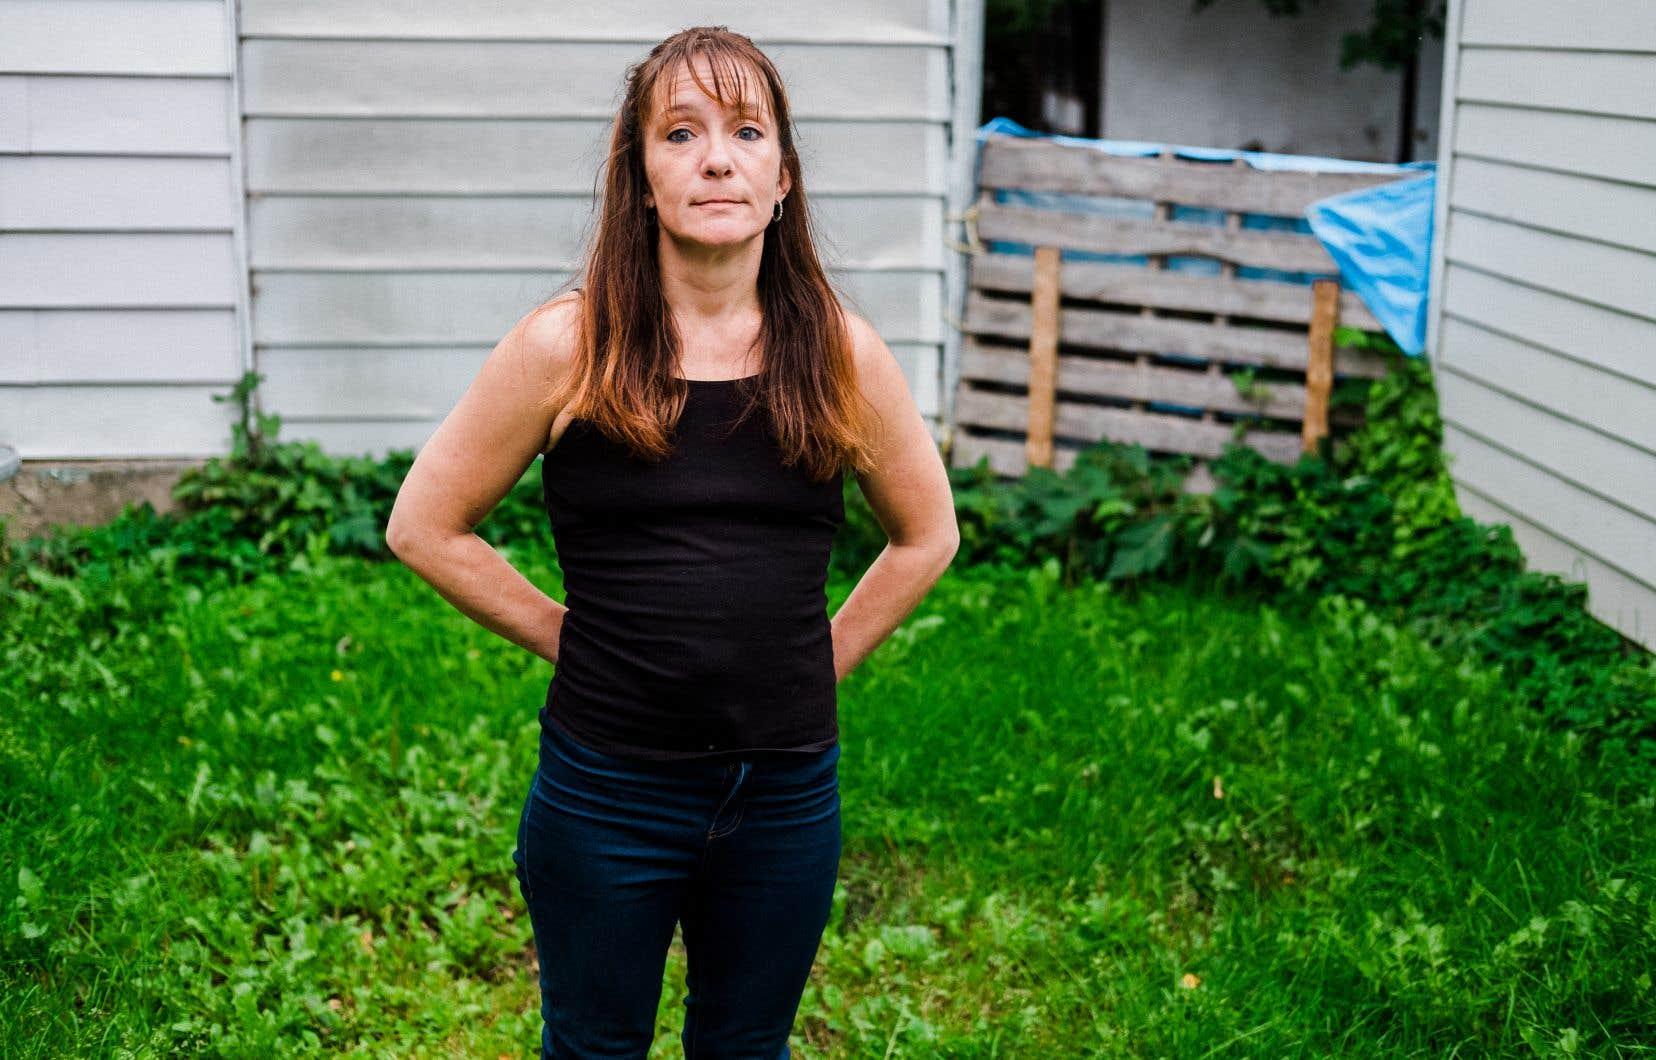 De nombreuses embûches se dressent devant les femmes qui tentent de sortir de l'industrie du sexe et de repartir sur de nouvelles bases, soutient Rose Sullivan.